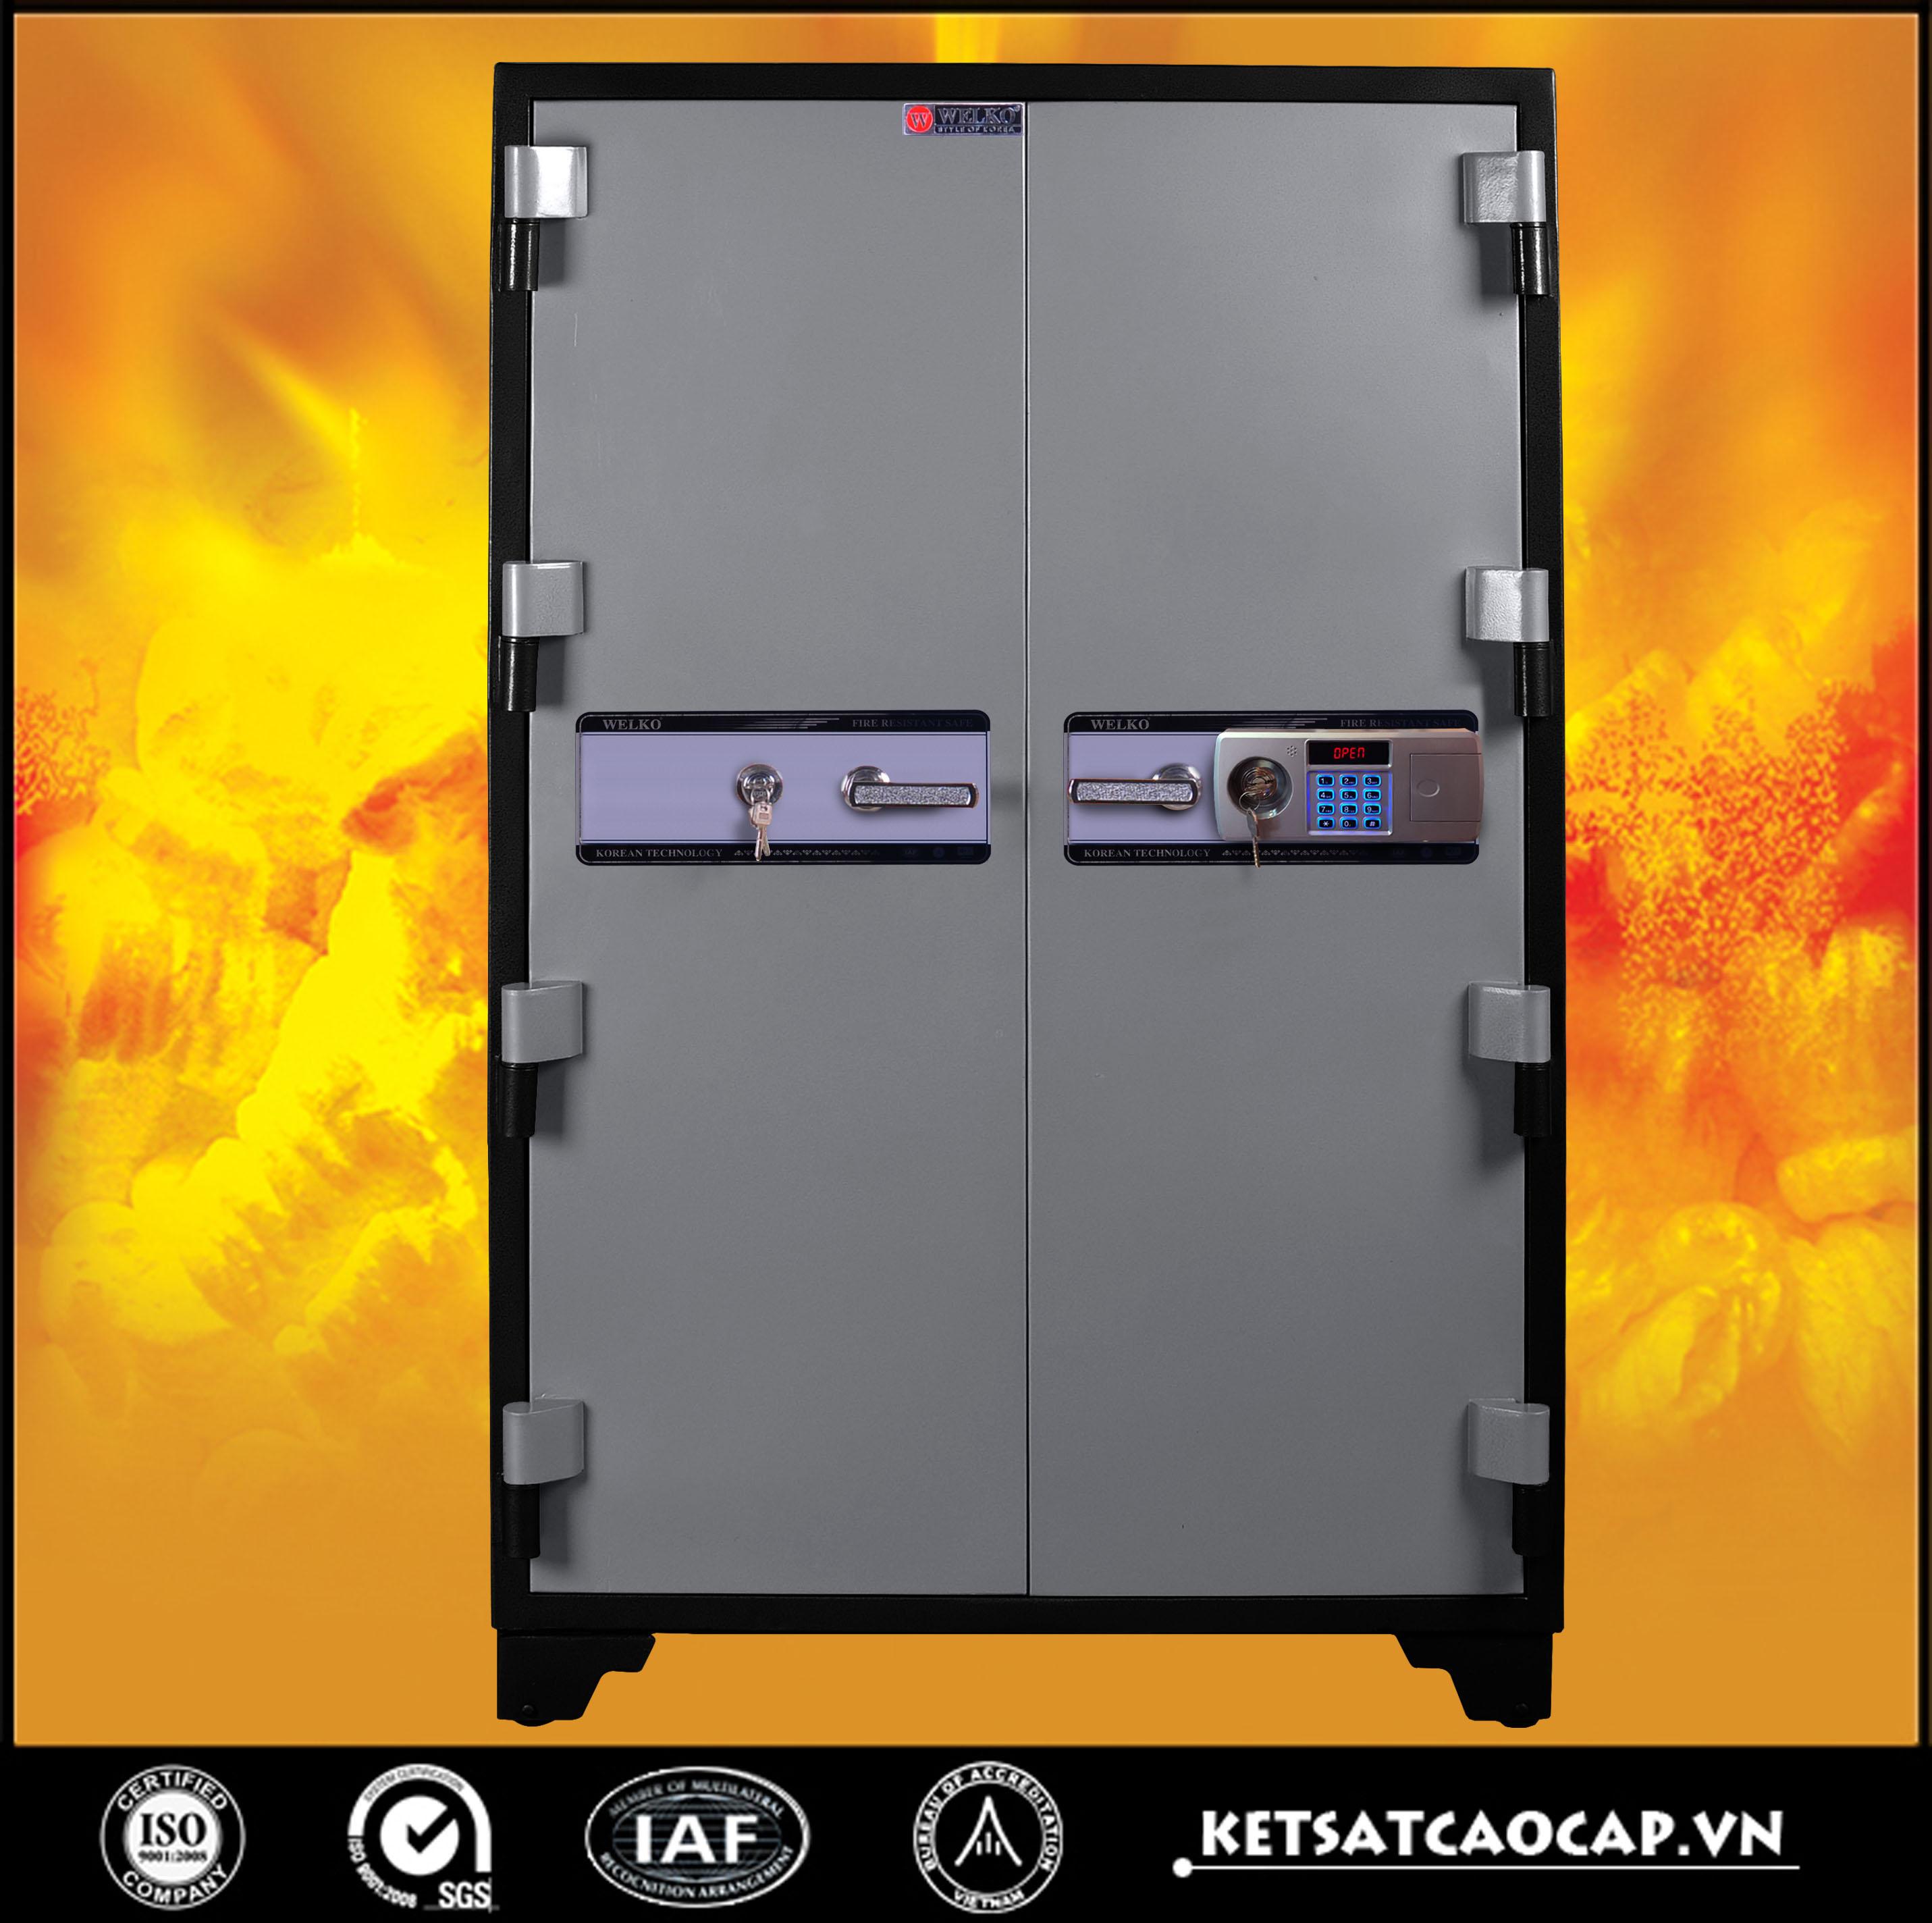 Két Sắt chống cháy BM1650 điện tử